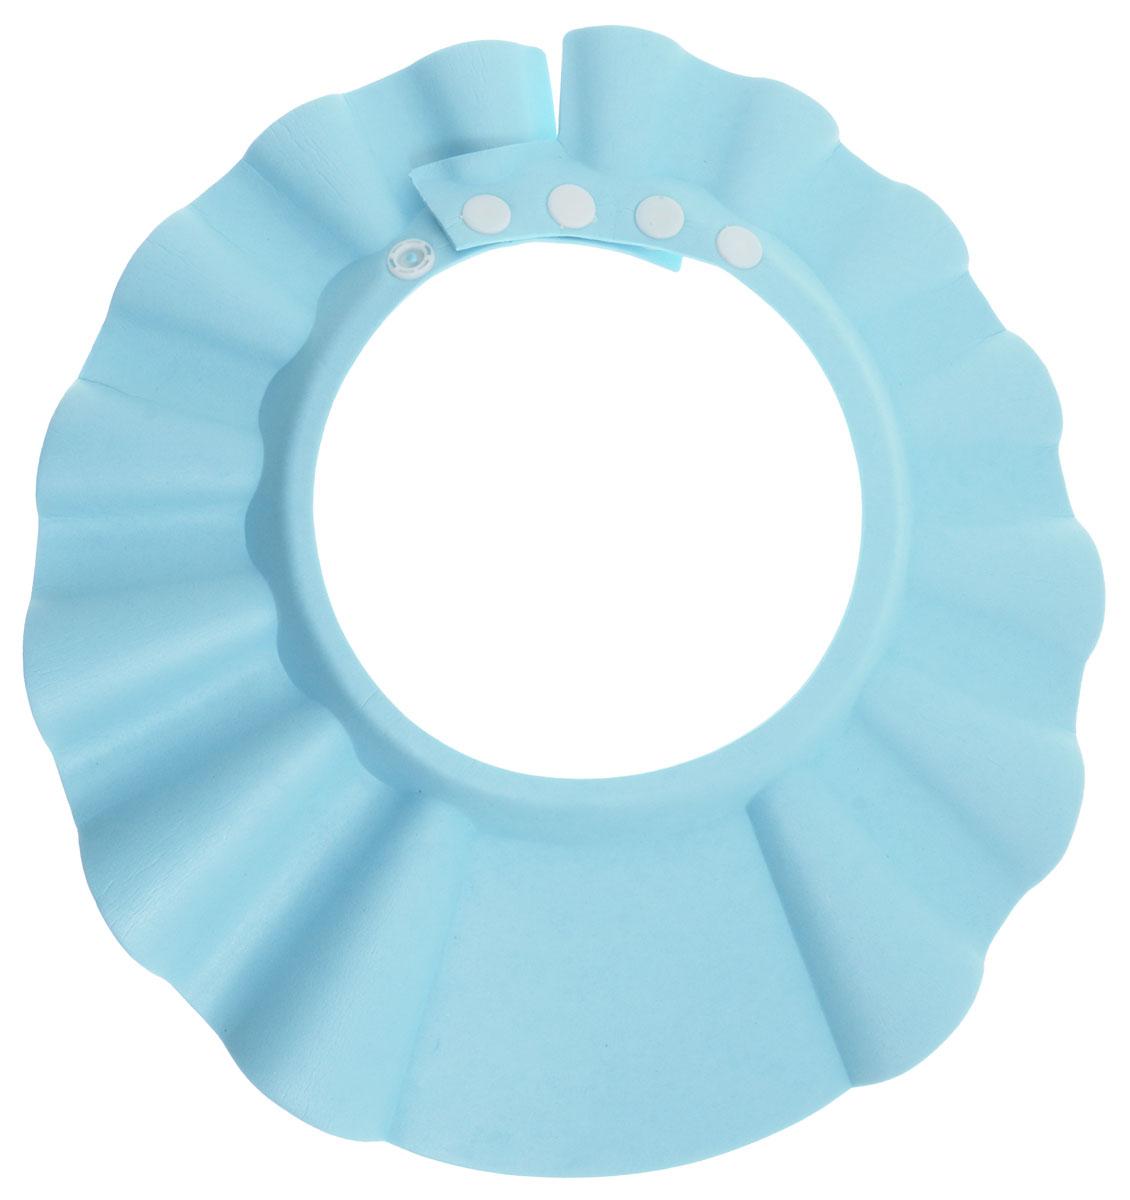 Bradex Козырек для мытья головы Купаемся без слез цвет голубой -  Контейнеры для игрушек, ковши